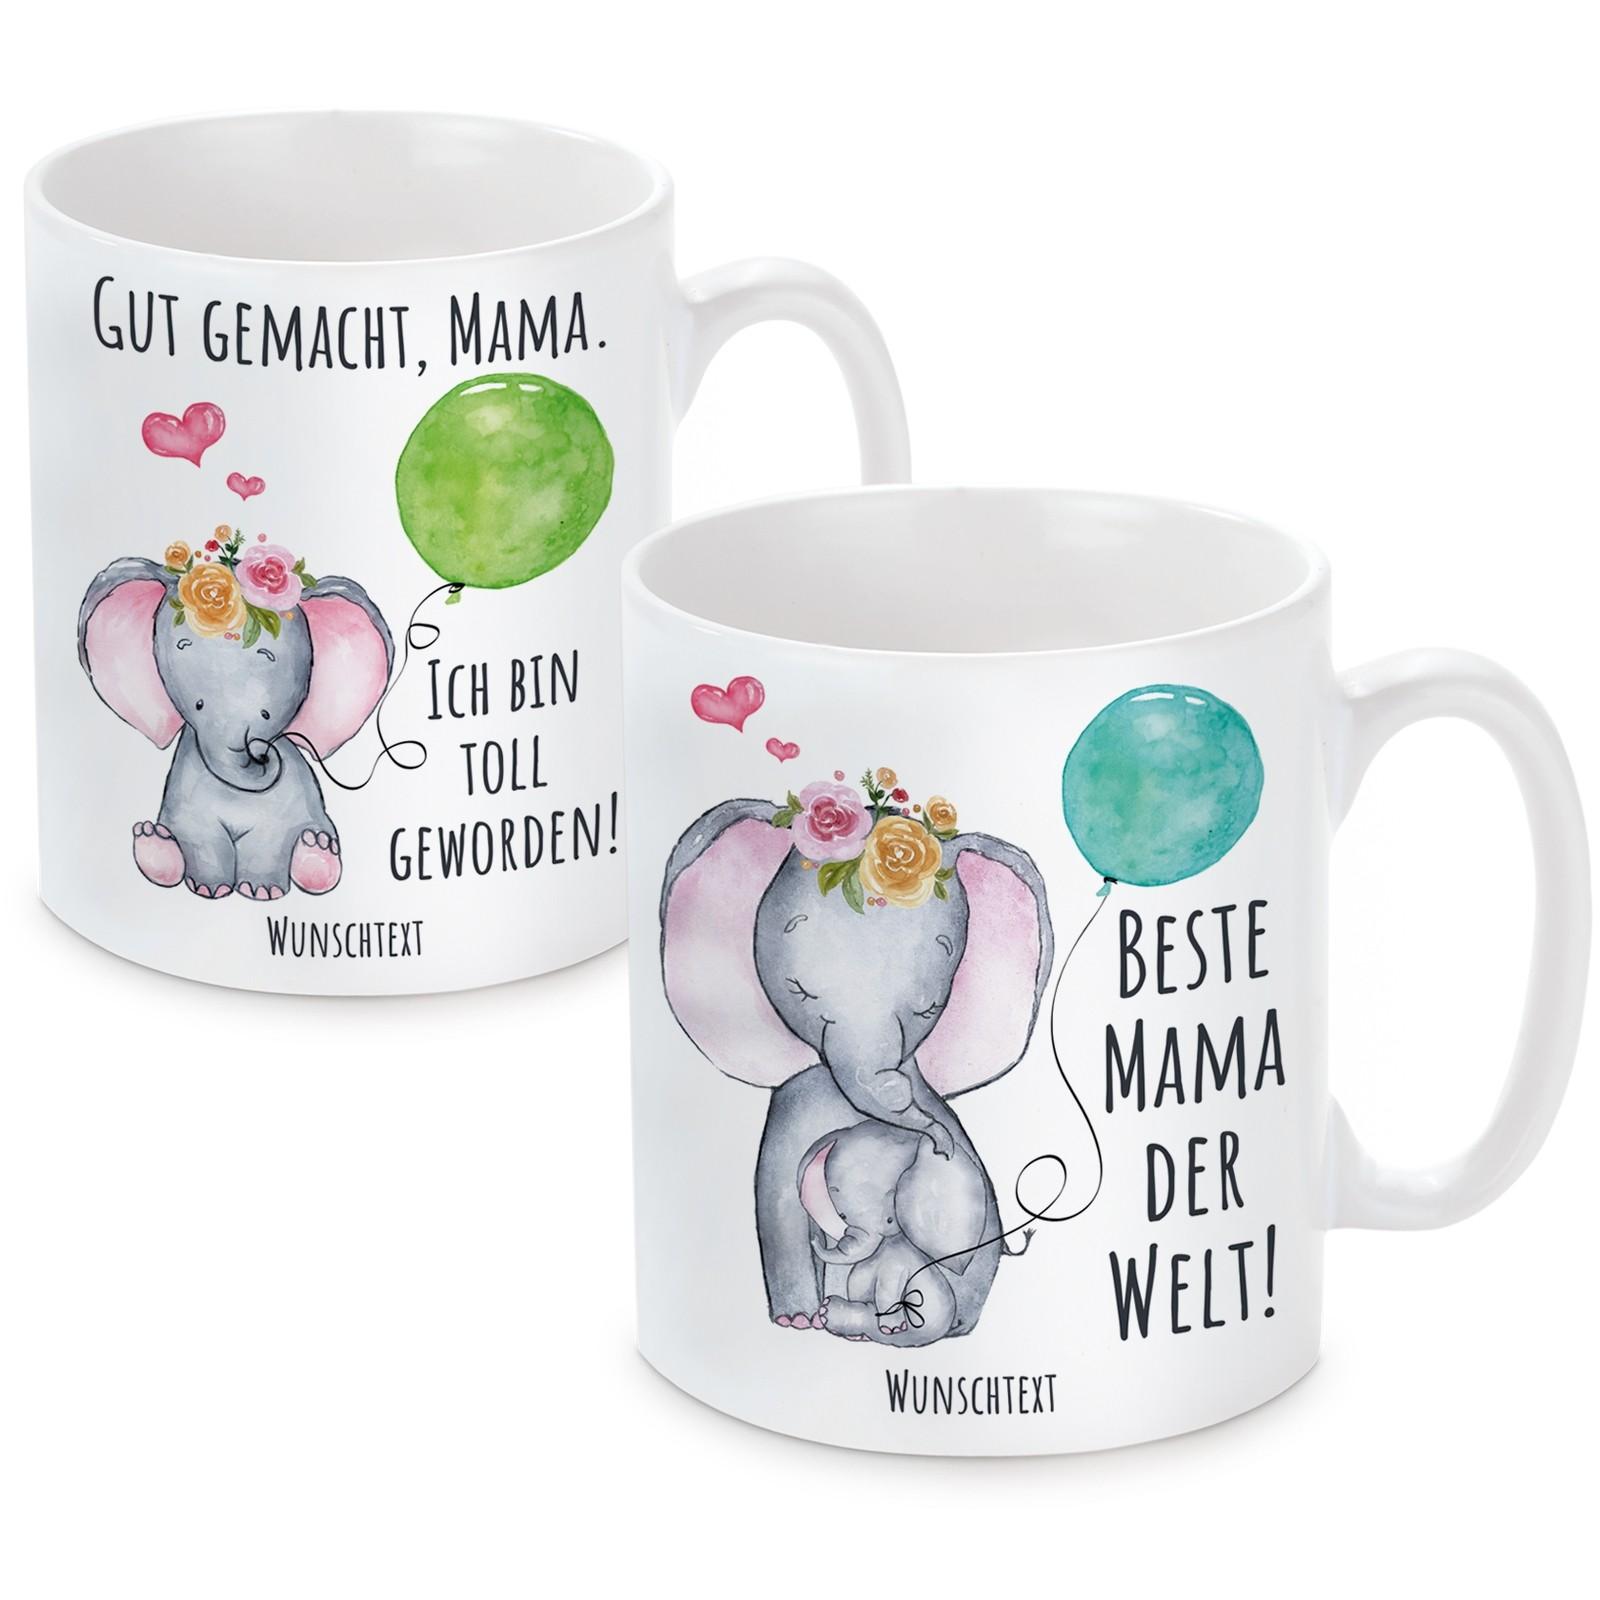 Set (2 Stück) -Tasse mit Motiv - Beste Mama der Welt! - Gut gemacht Mama. Ich bin Toll geworden! (personalisierbar)